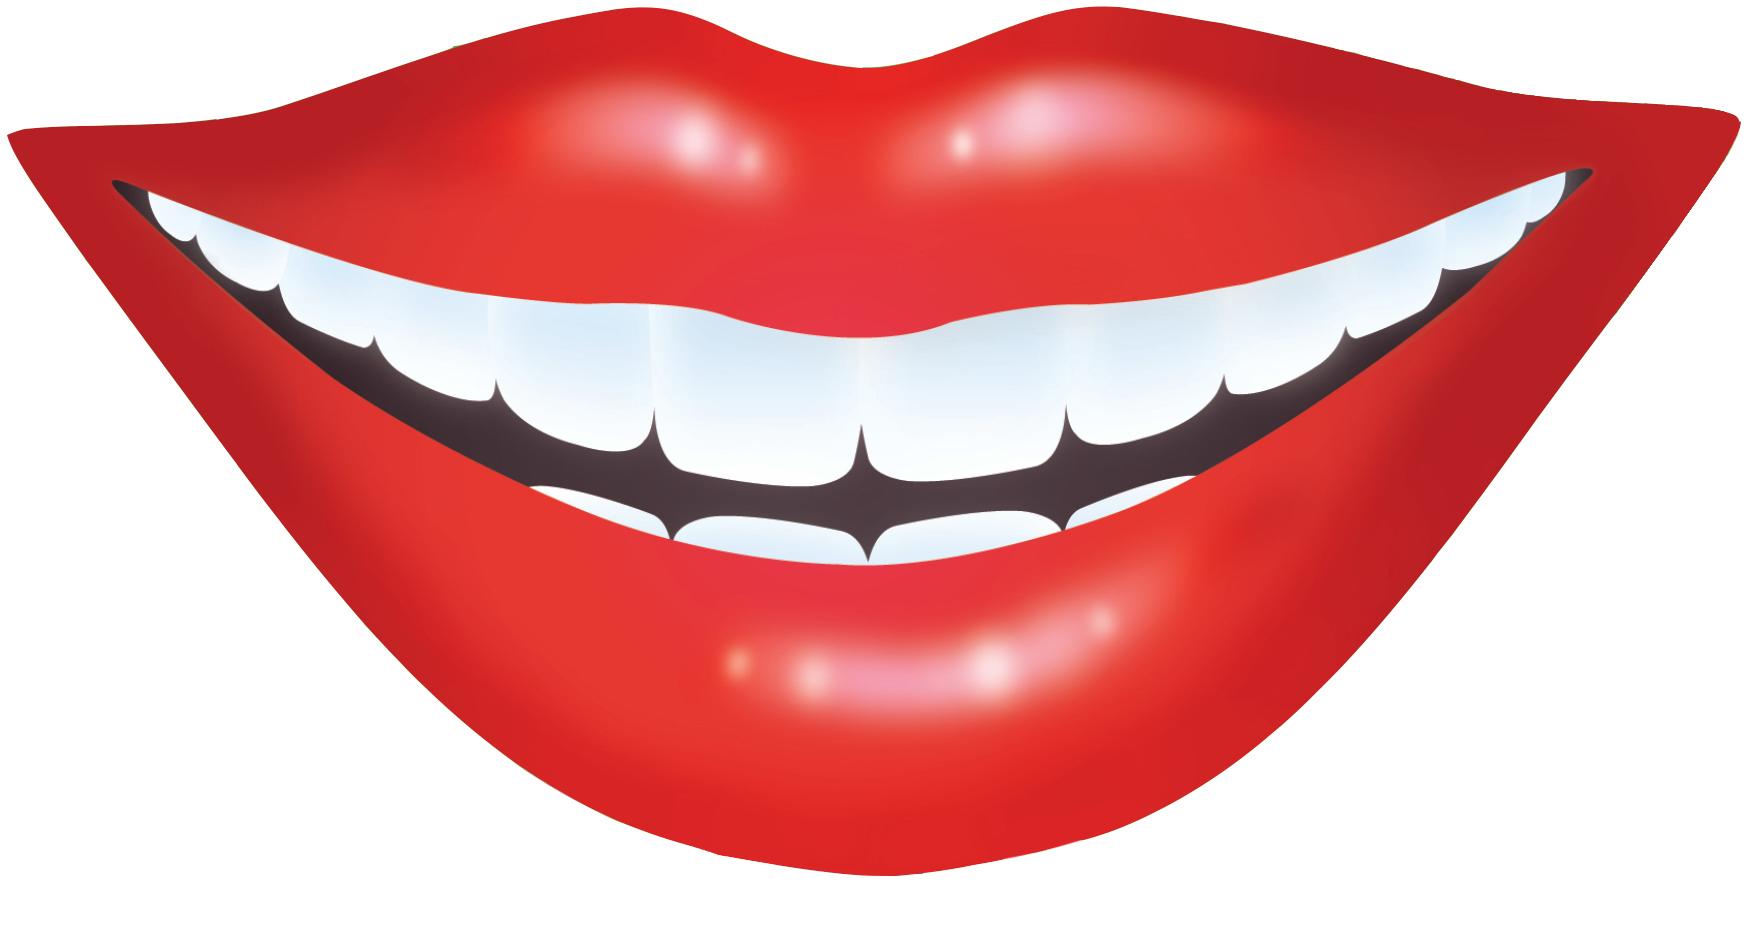 Clipart mouth teeth.